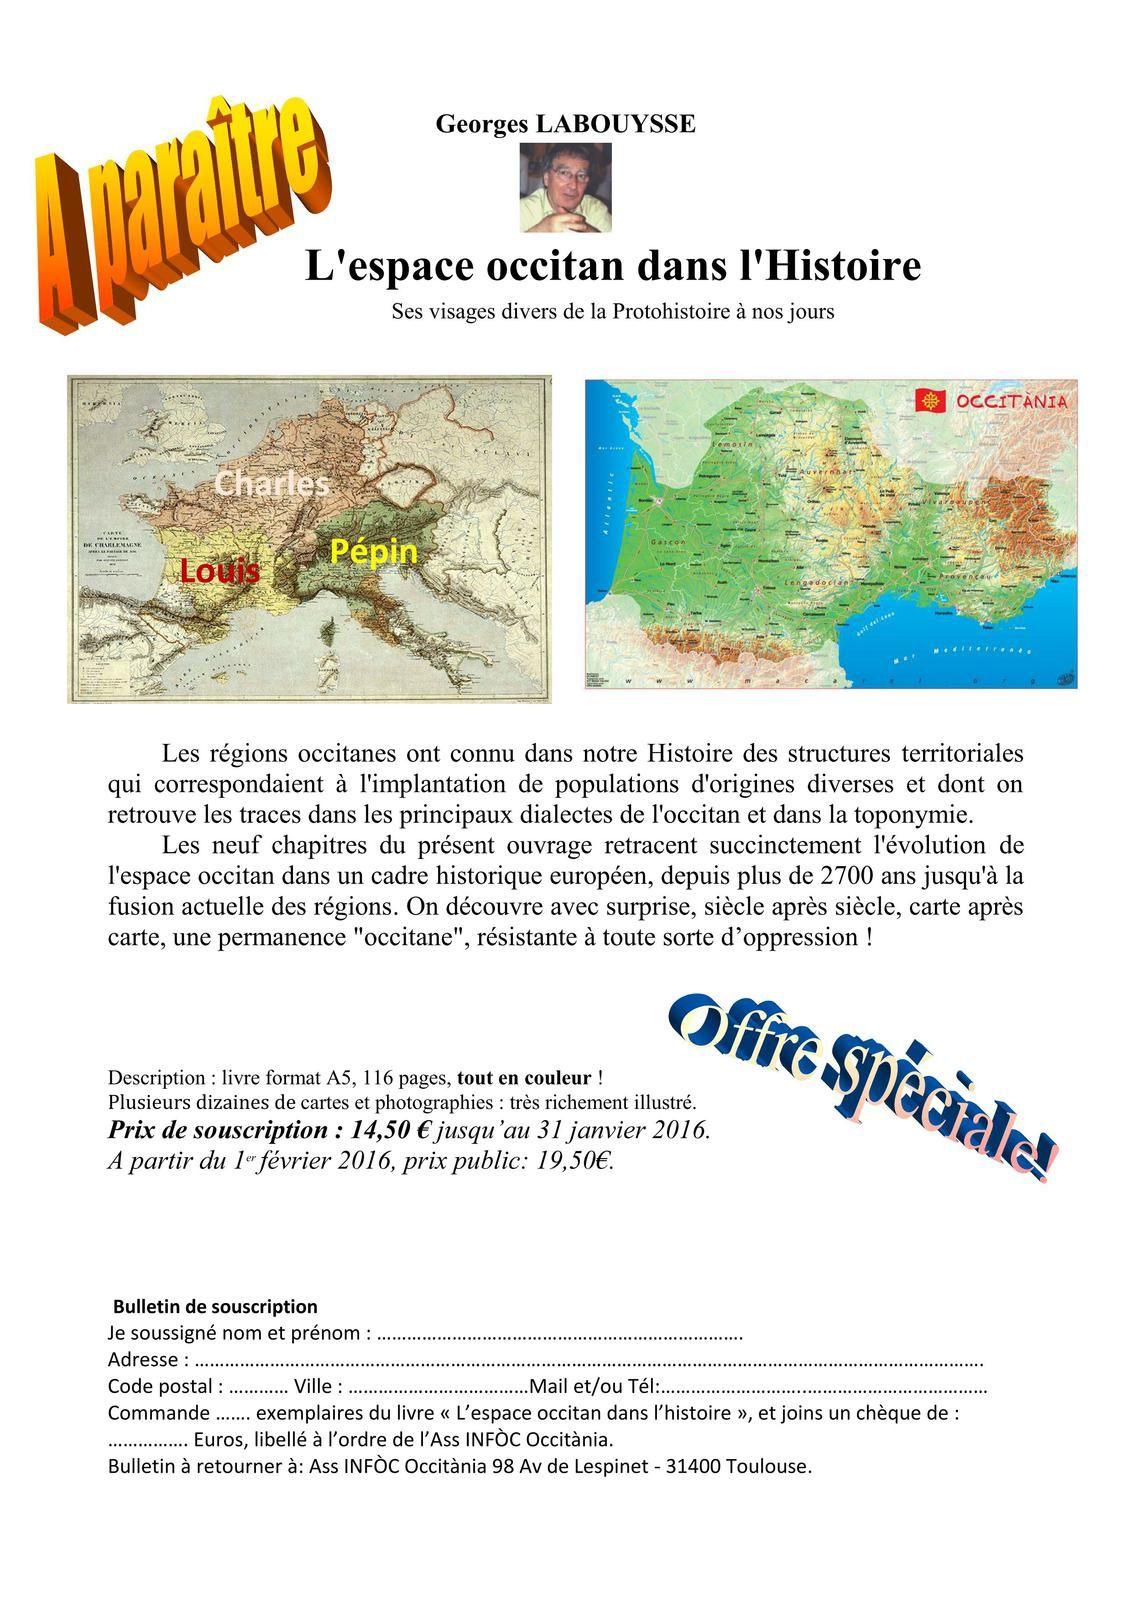 « L'espace occitan dans l'Histoire » par Georges Labouysse